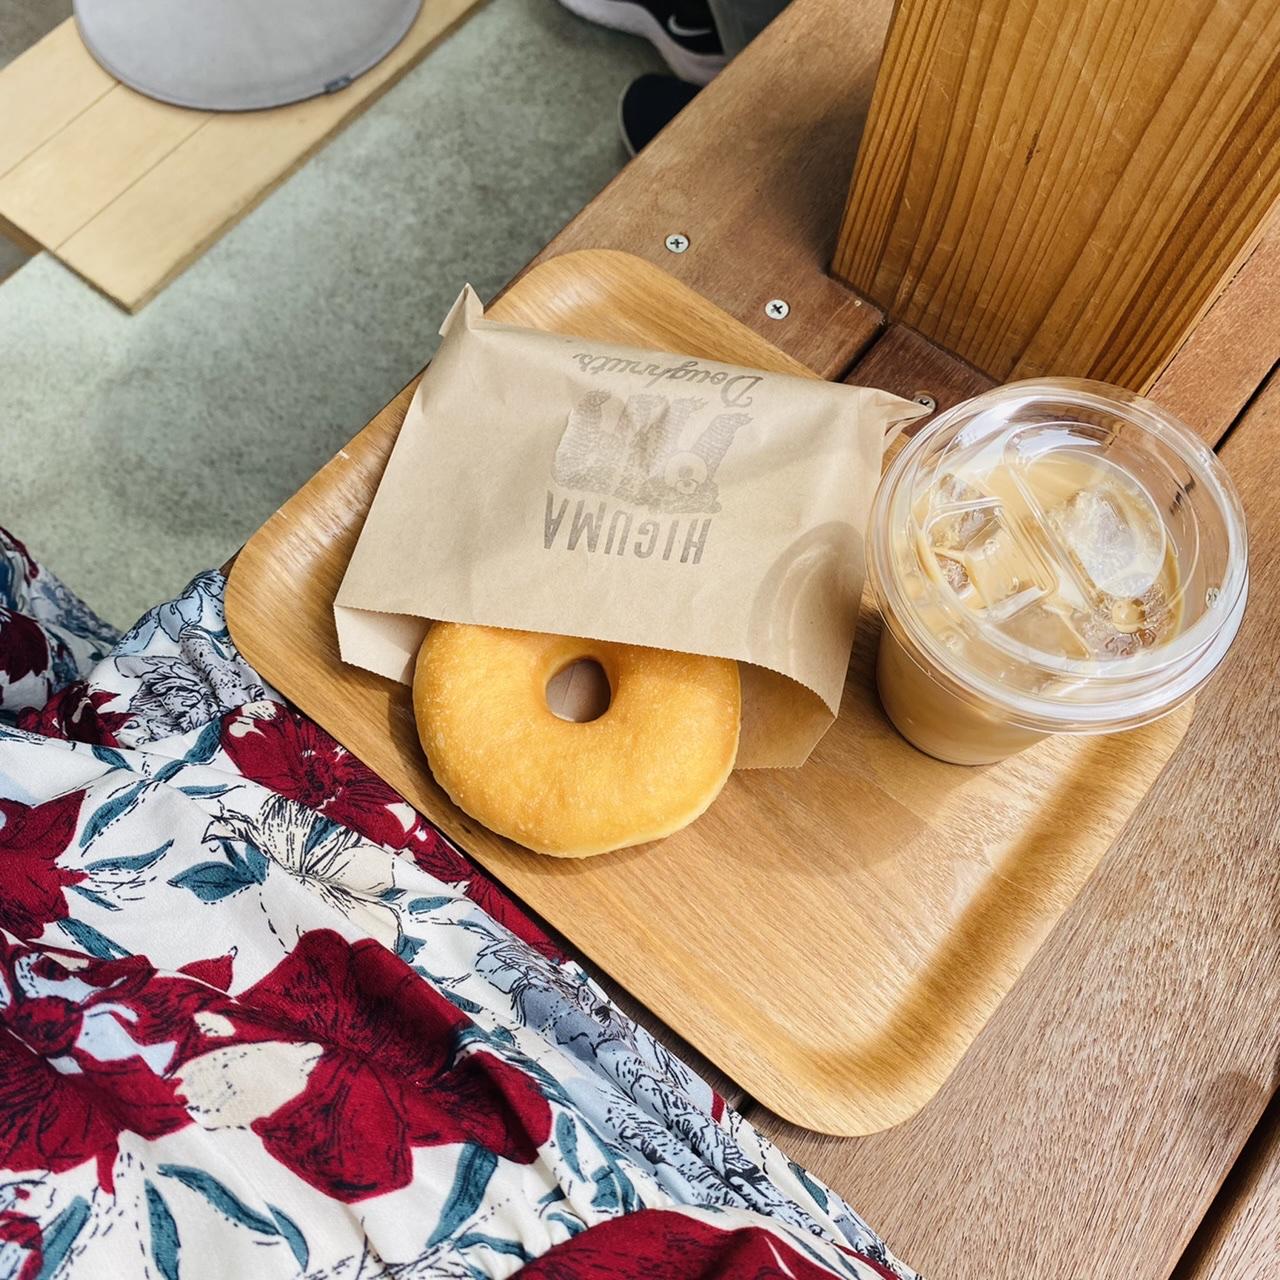 【表参道カフェ】ドーナツのふわふわ感がすごい!木の空間がお洒落《ヒグマドーナツ》へ♡_3